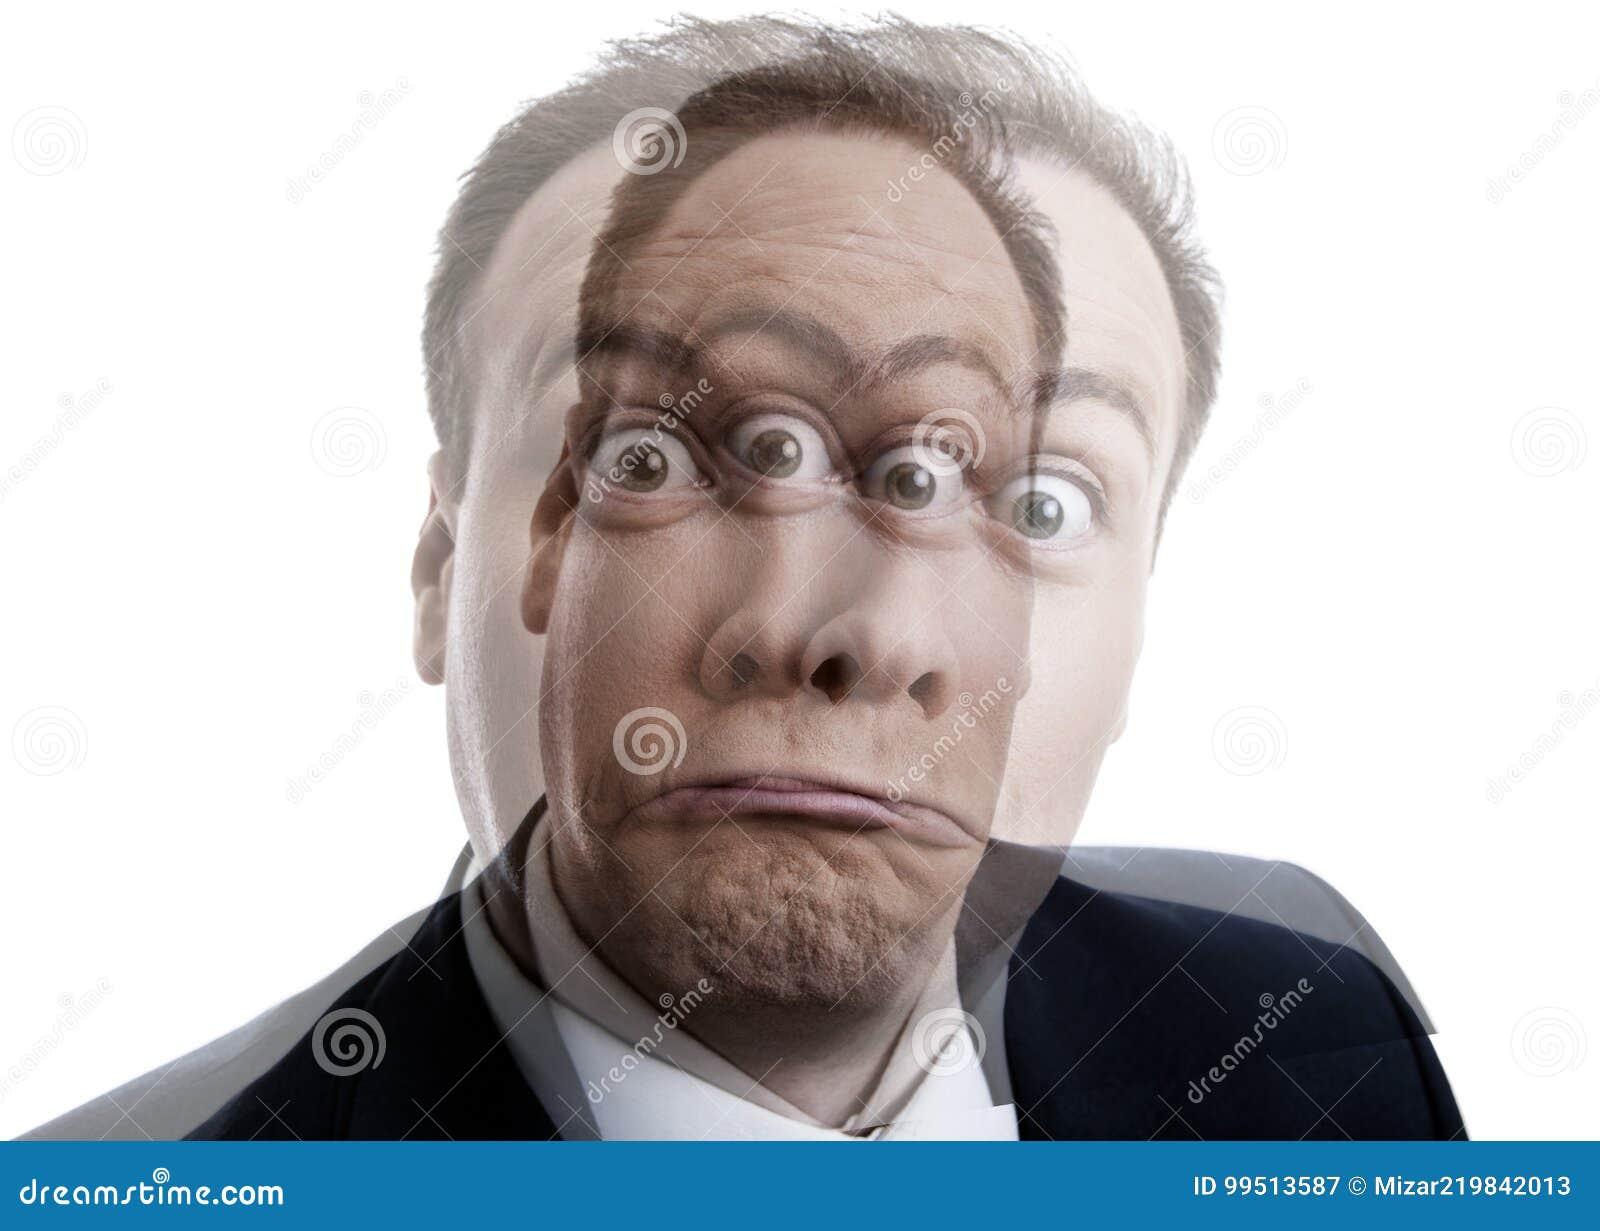 Portret van een mens met een geestelijke ziekte